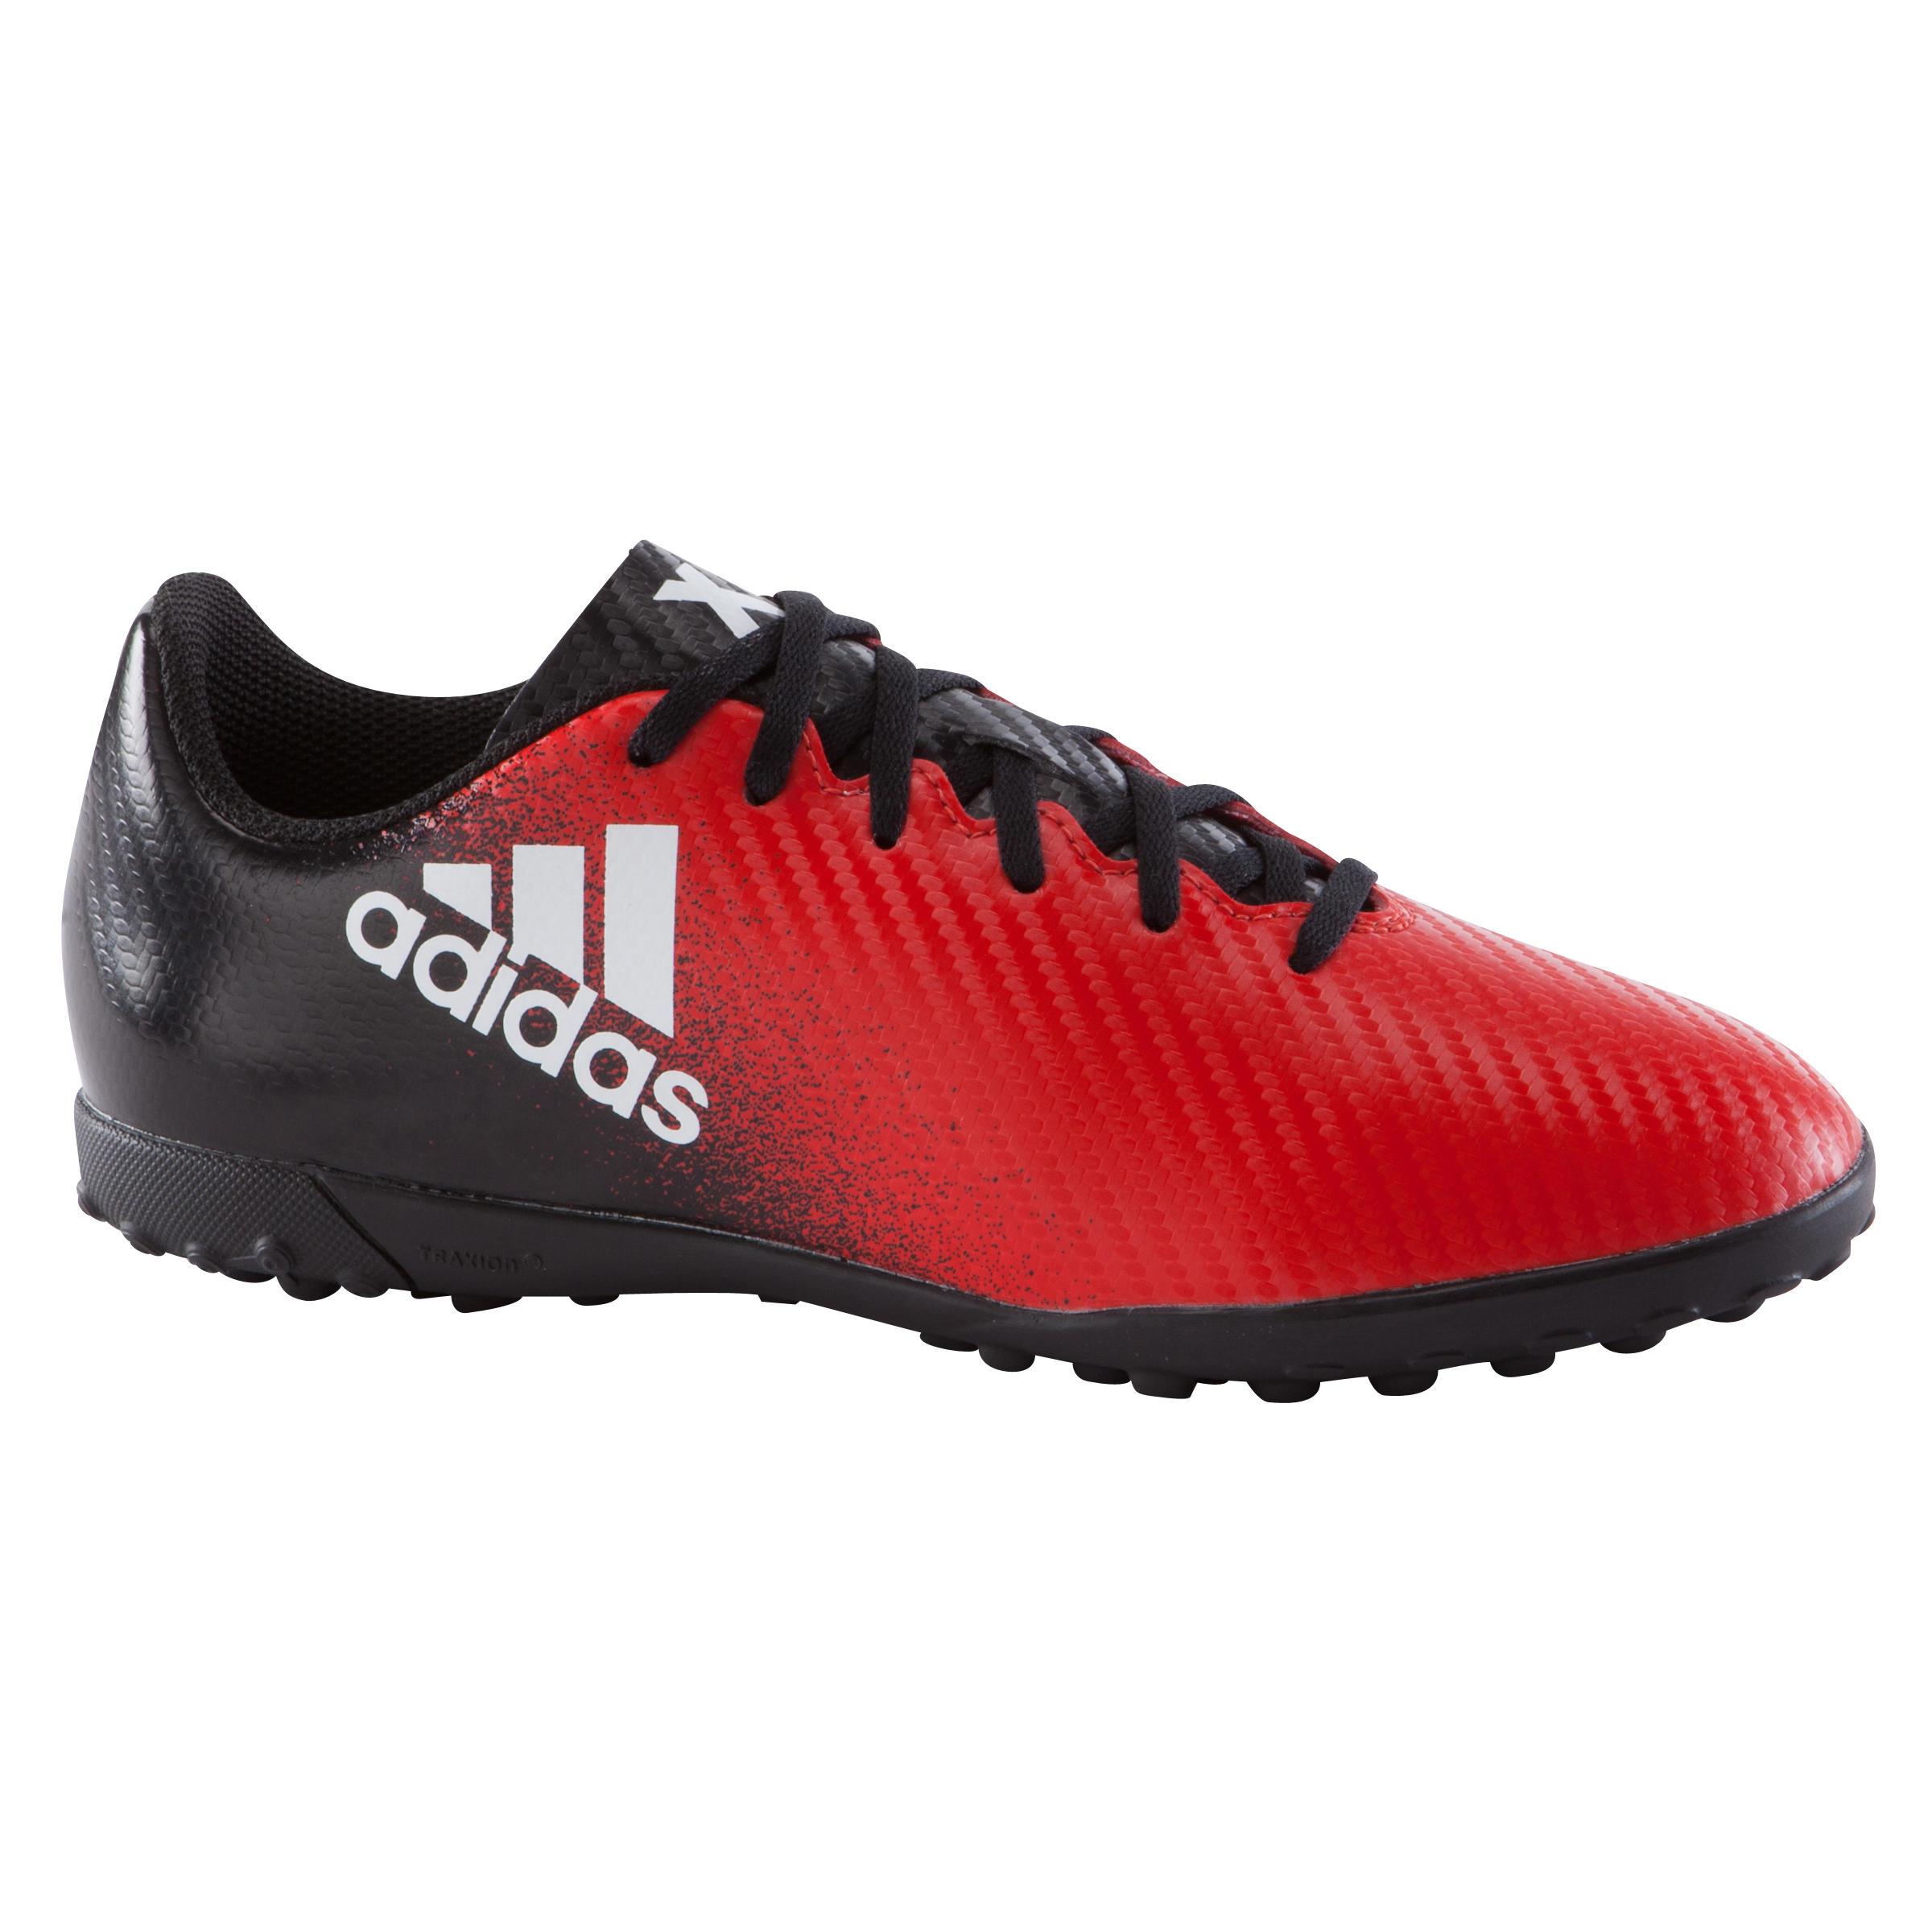 Voetbalschoenen X 16.4 TF voor kinderen rood-zwart